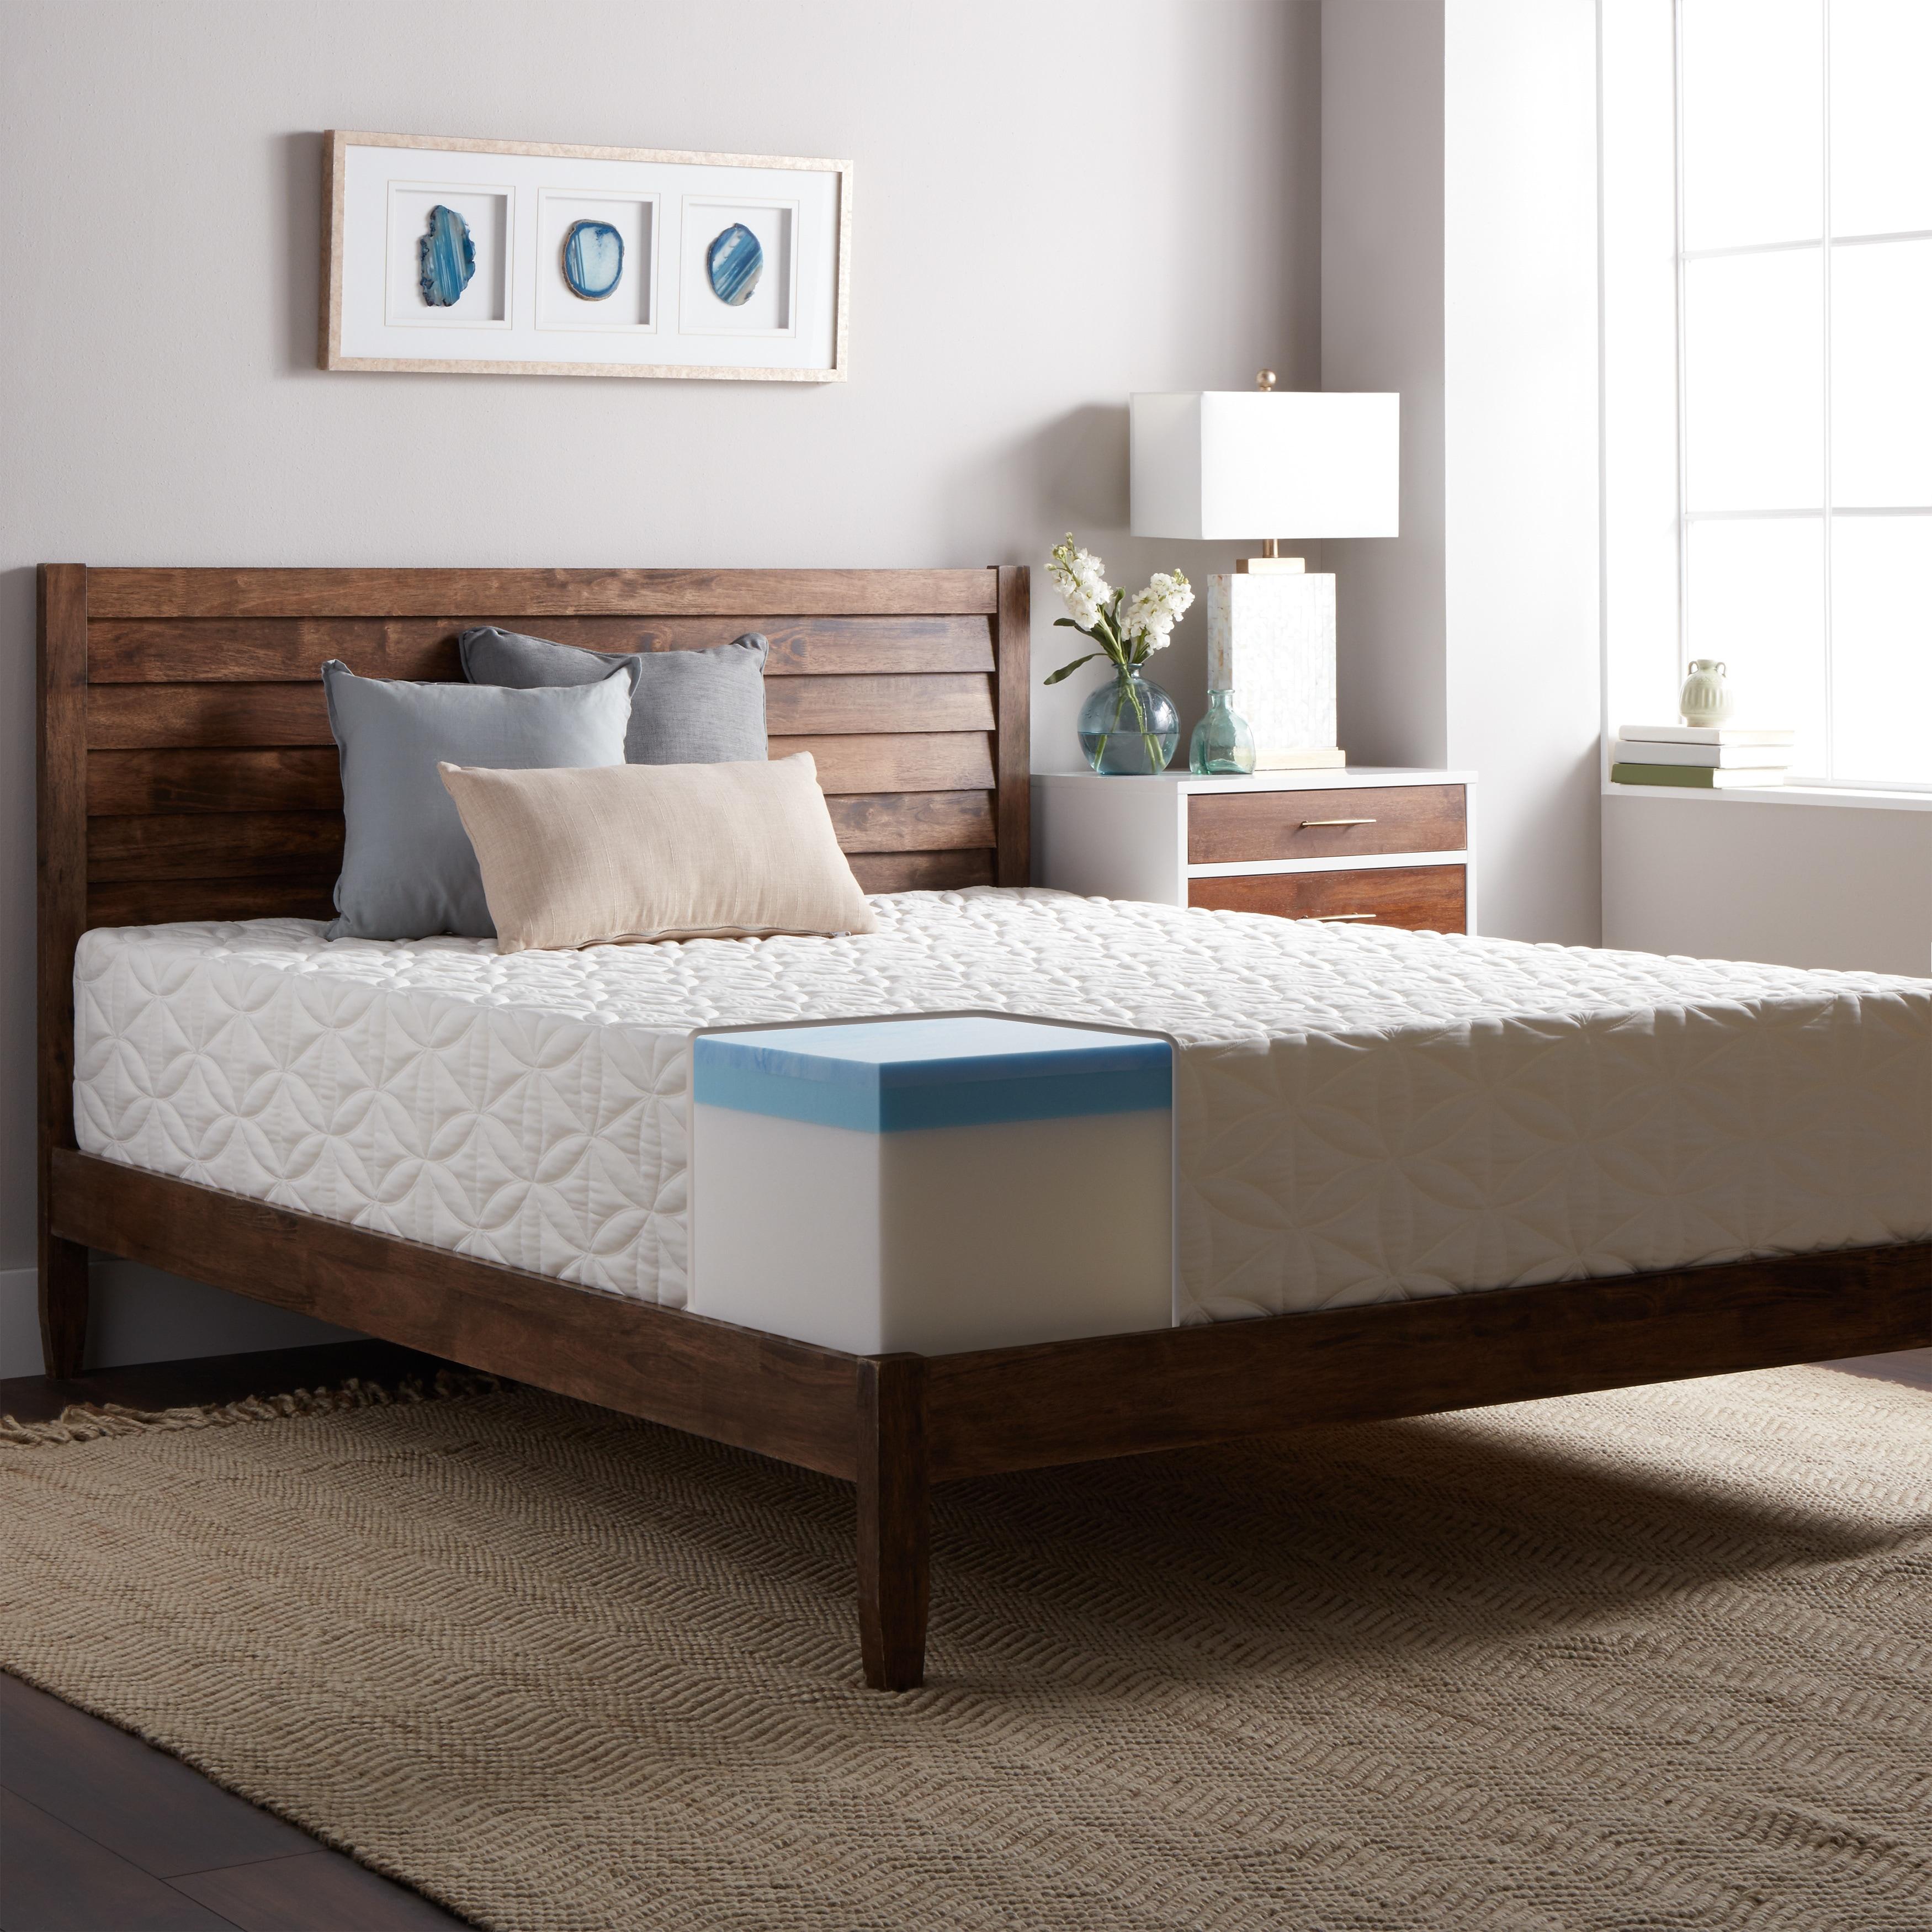 Select Luxury 12 inch King size Medium Firm Gel Memory Foam